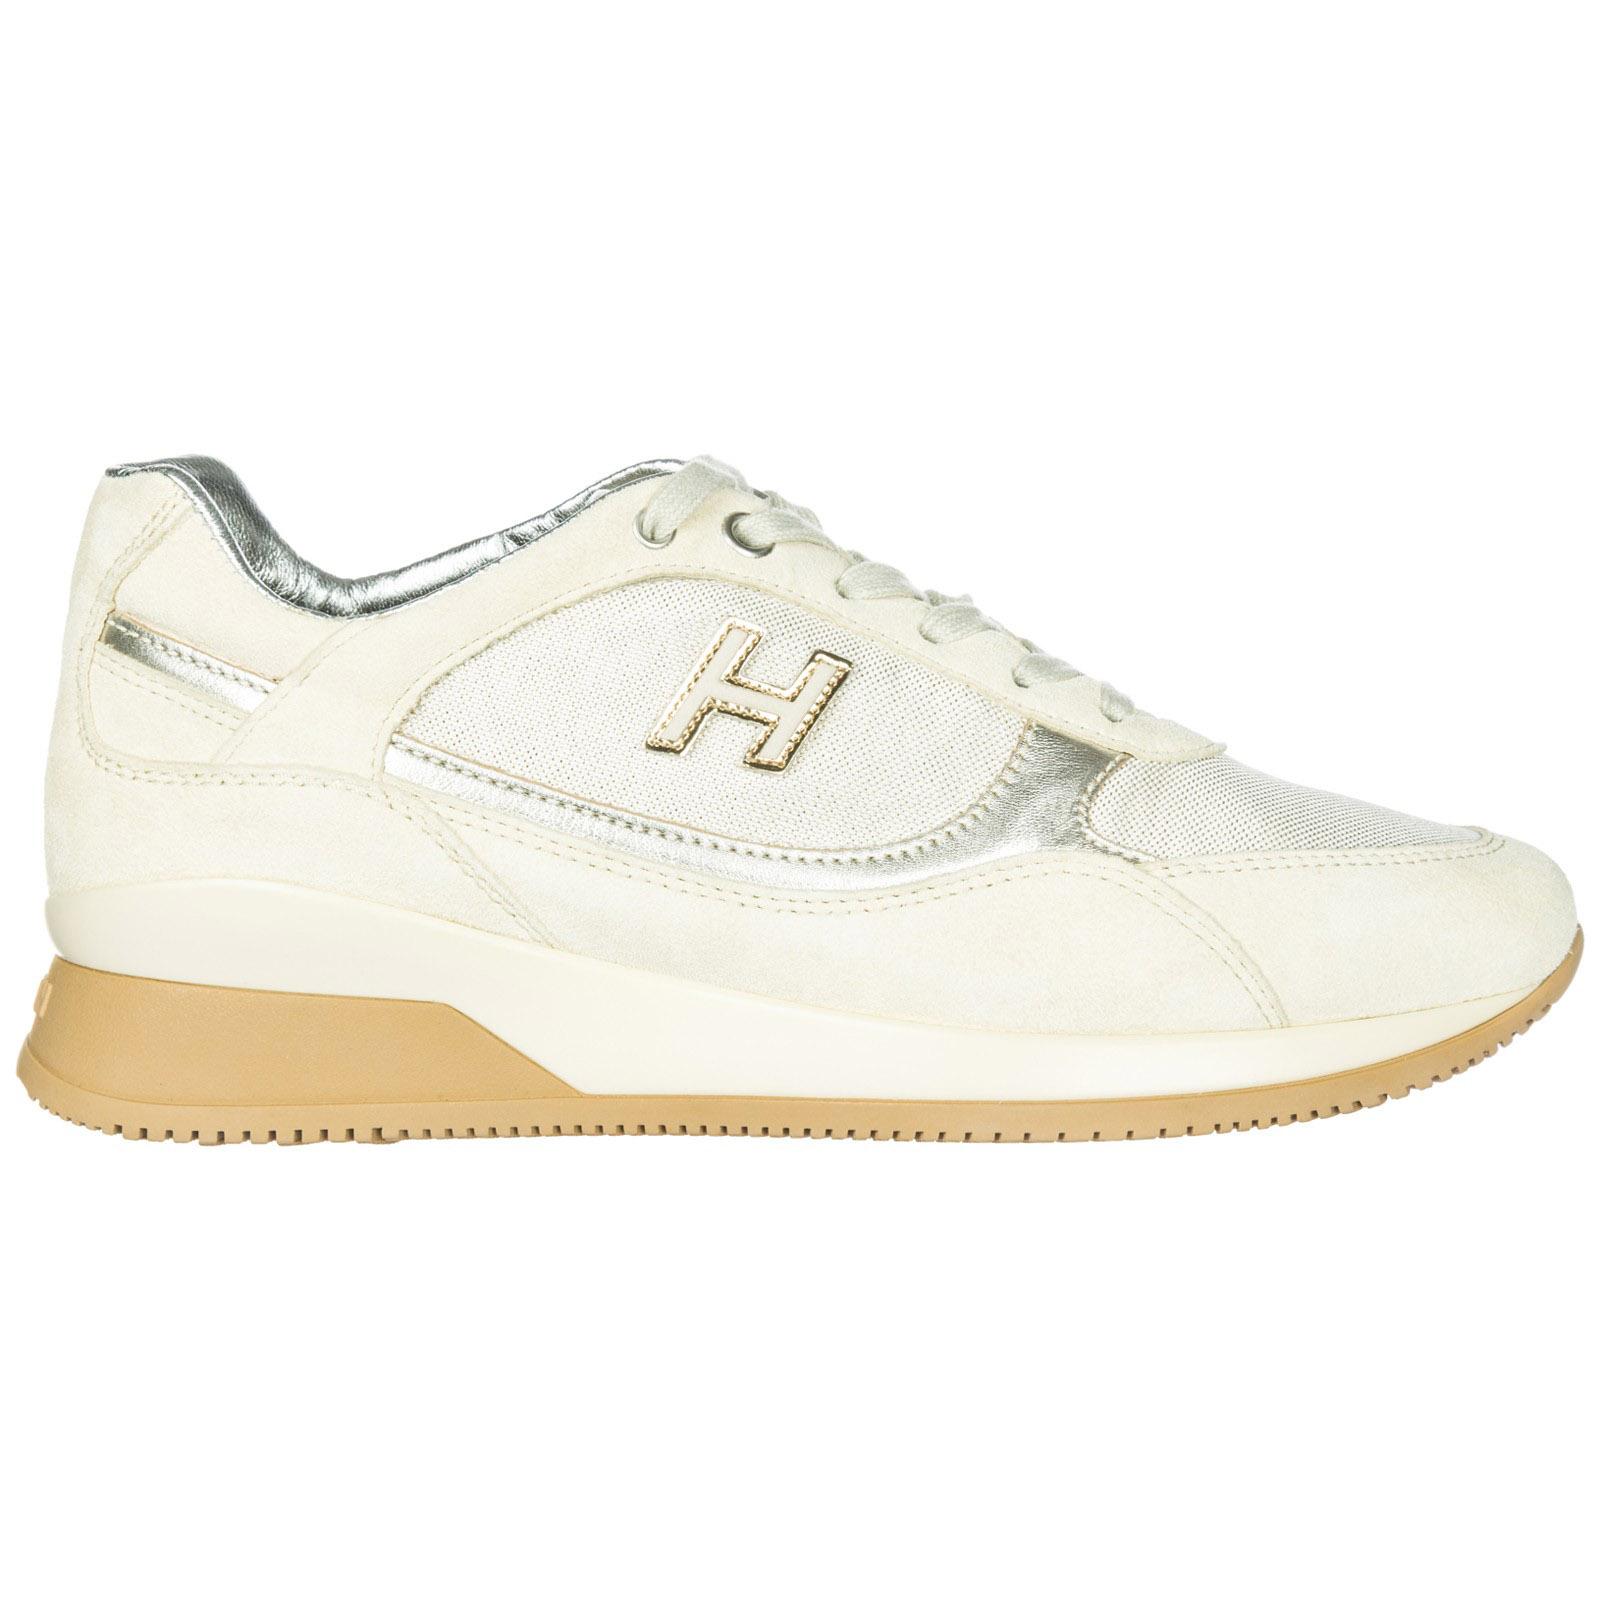 5f283687c1 Sneakers Hogan Elective HXW1580A32083A0524 platino / bianco   FRMODA.com